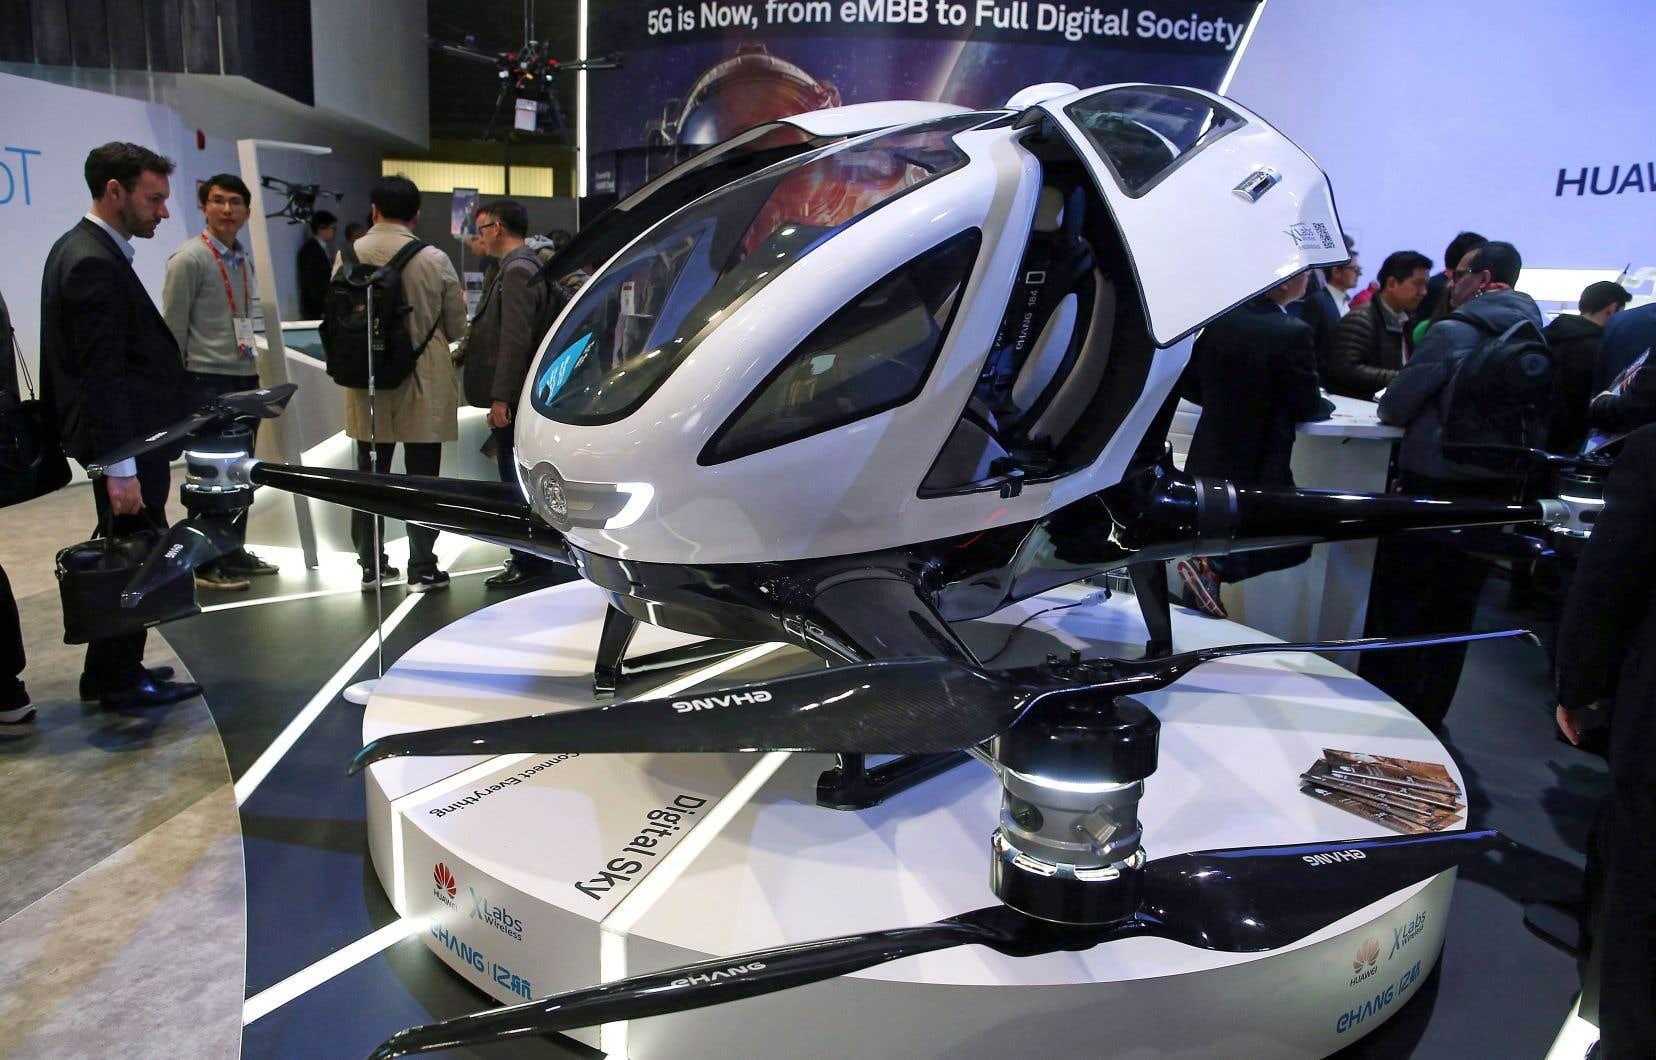 Un taxi volant utilisant la technologie 5G était présenté au Mobile World Congress Wireless Show de Barcelone, en février dernier.